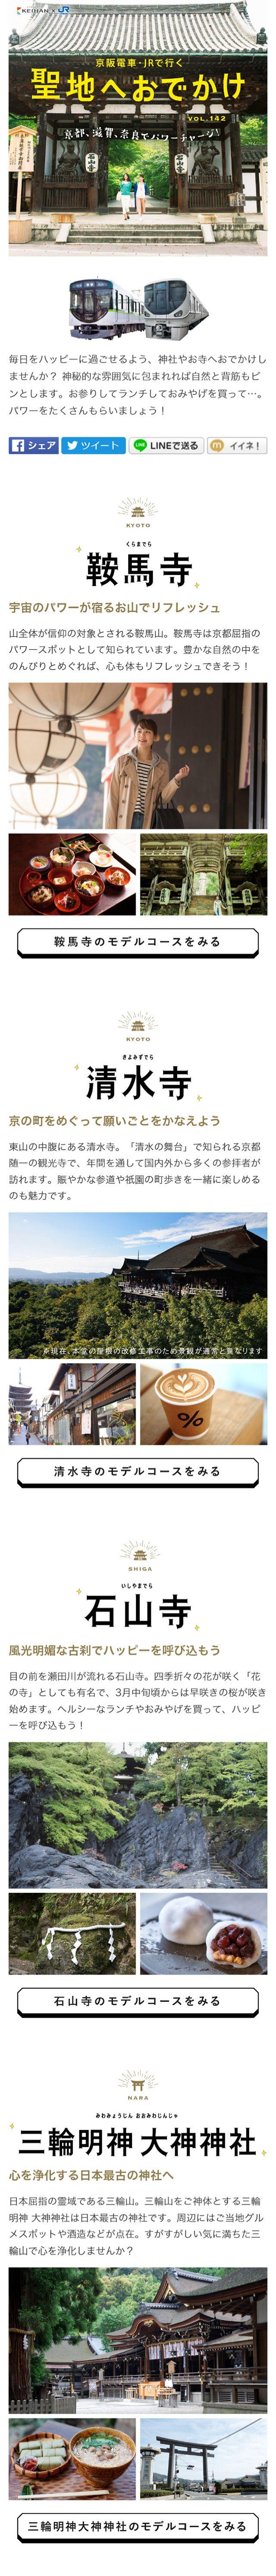 京都、滋賀、奈良でパワーチャージ! 聖地へおでかけ【アウトドア関連】のLPデザイン。WEBデザイナーさん必見!スマホランディングページのデザイン参考に(シンプル系)